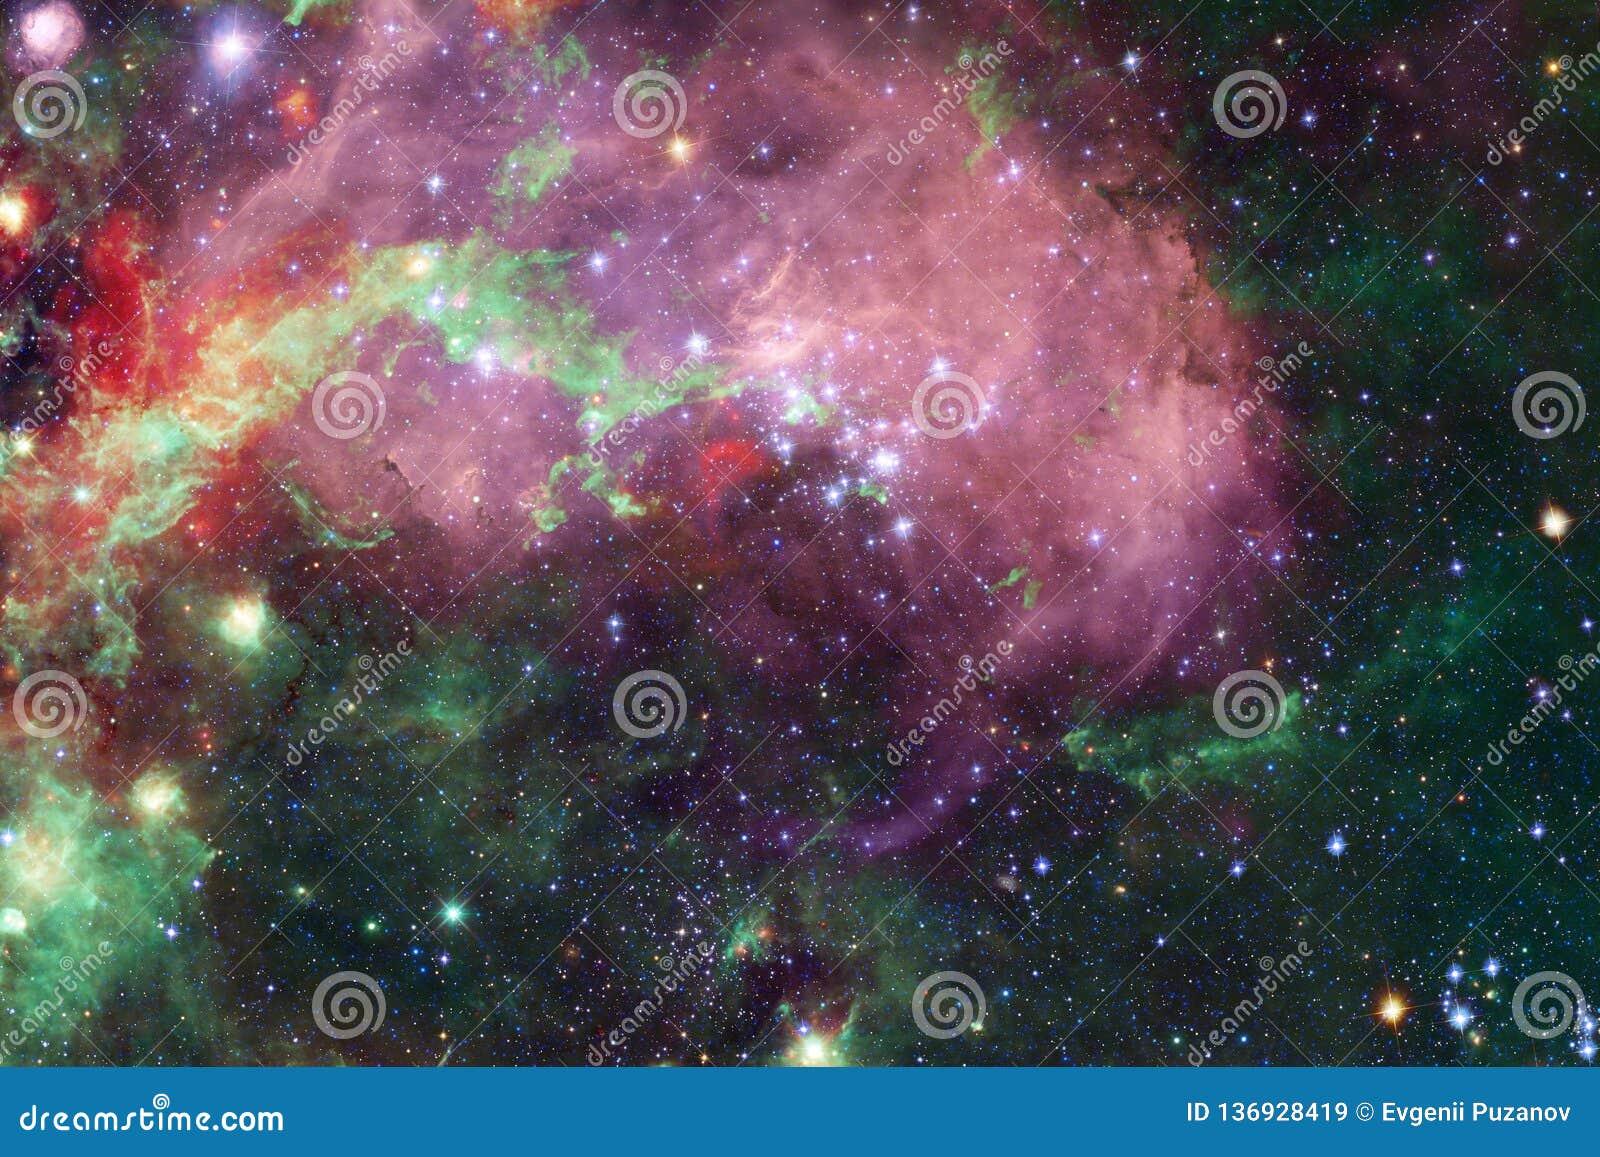 Γαλαξίας κάπου στο μακρινό διάστημα Στοιχεία αυτής της εικόνας που εφοδιάζεται από τη NASA